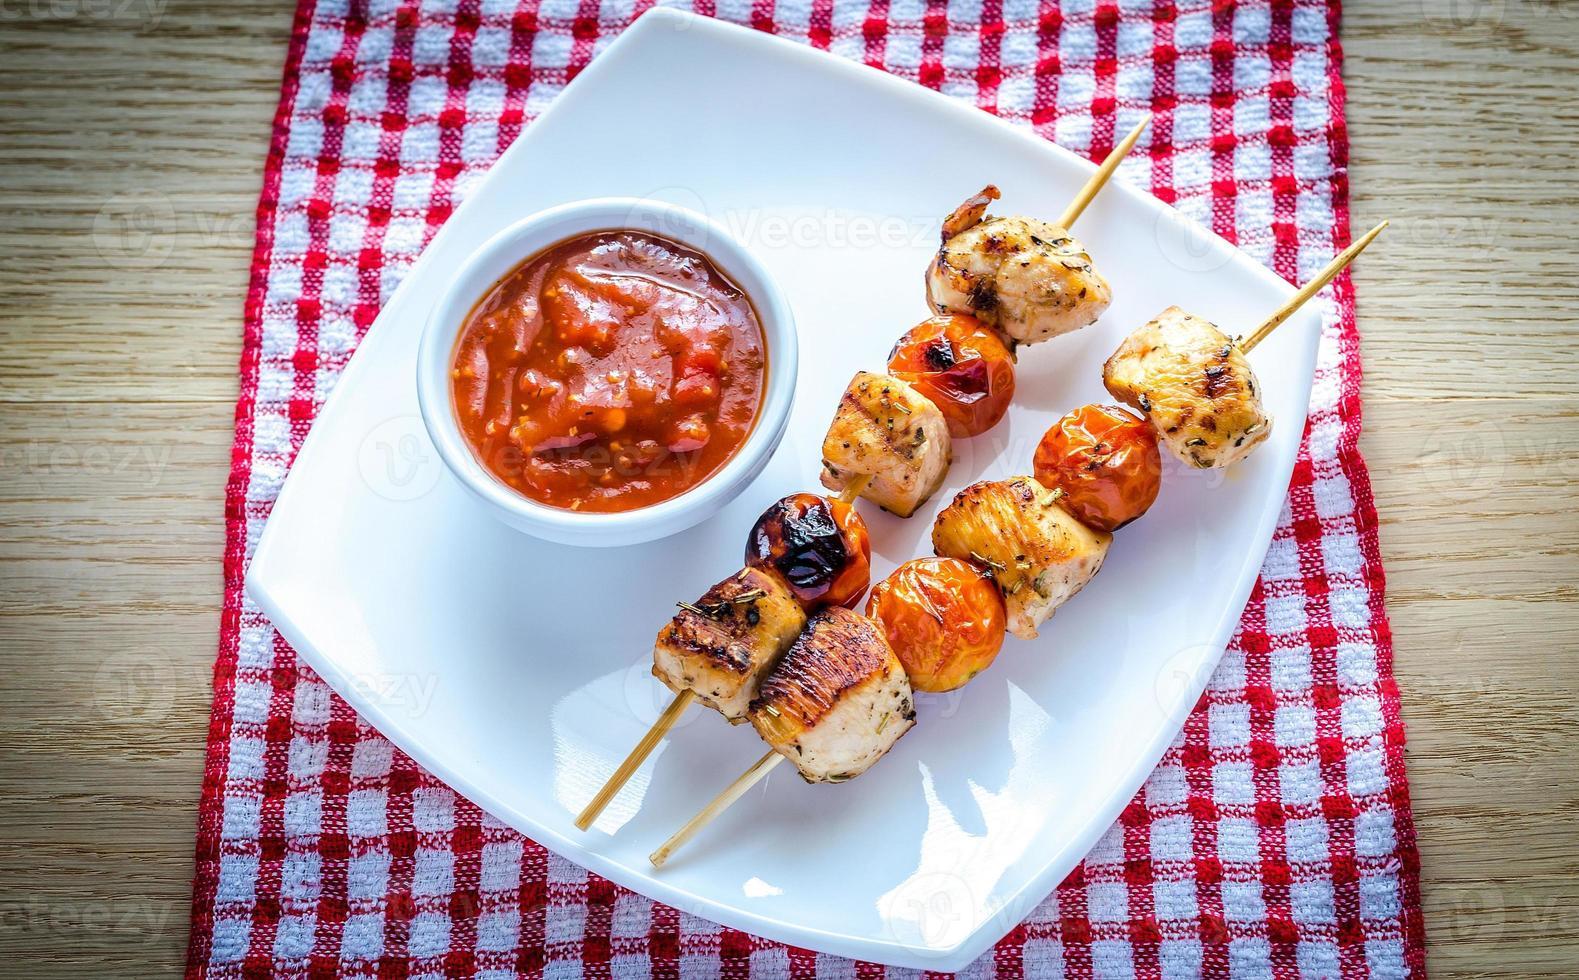 espetos de frango grelhado com tomate cereja foto